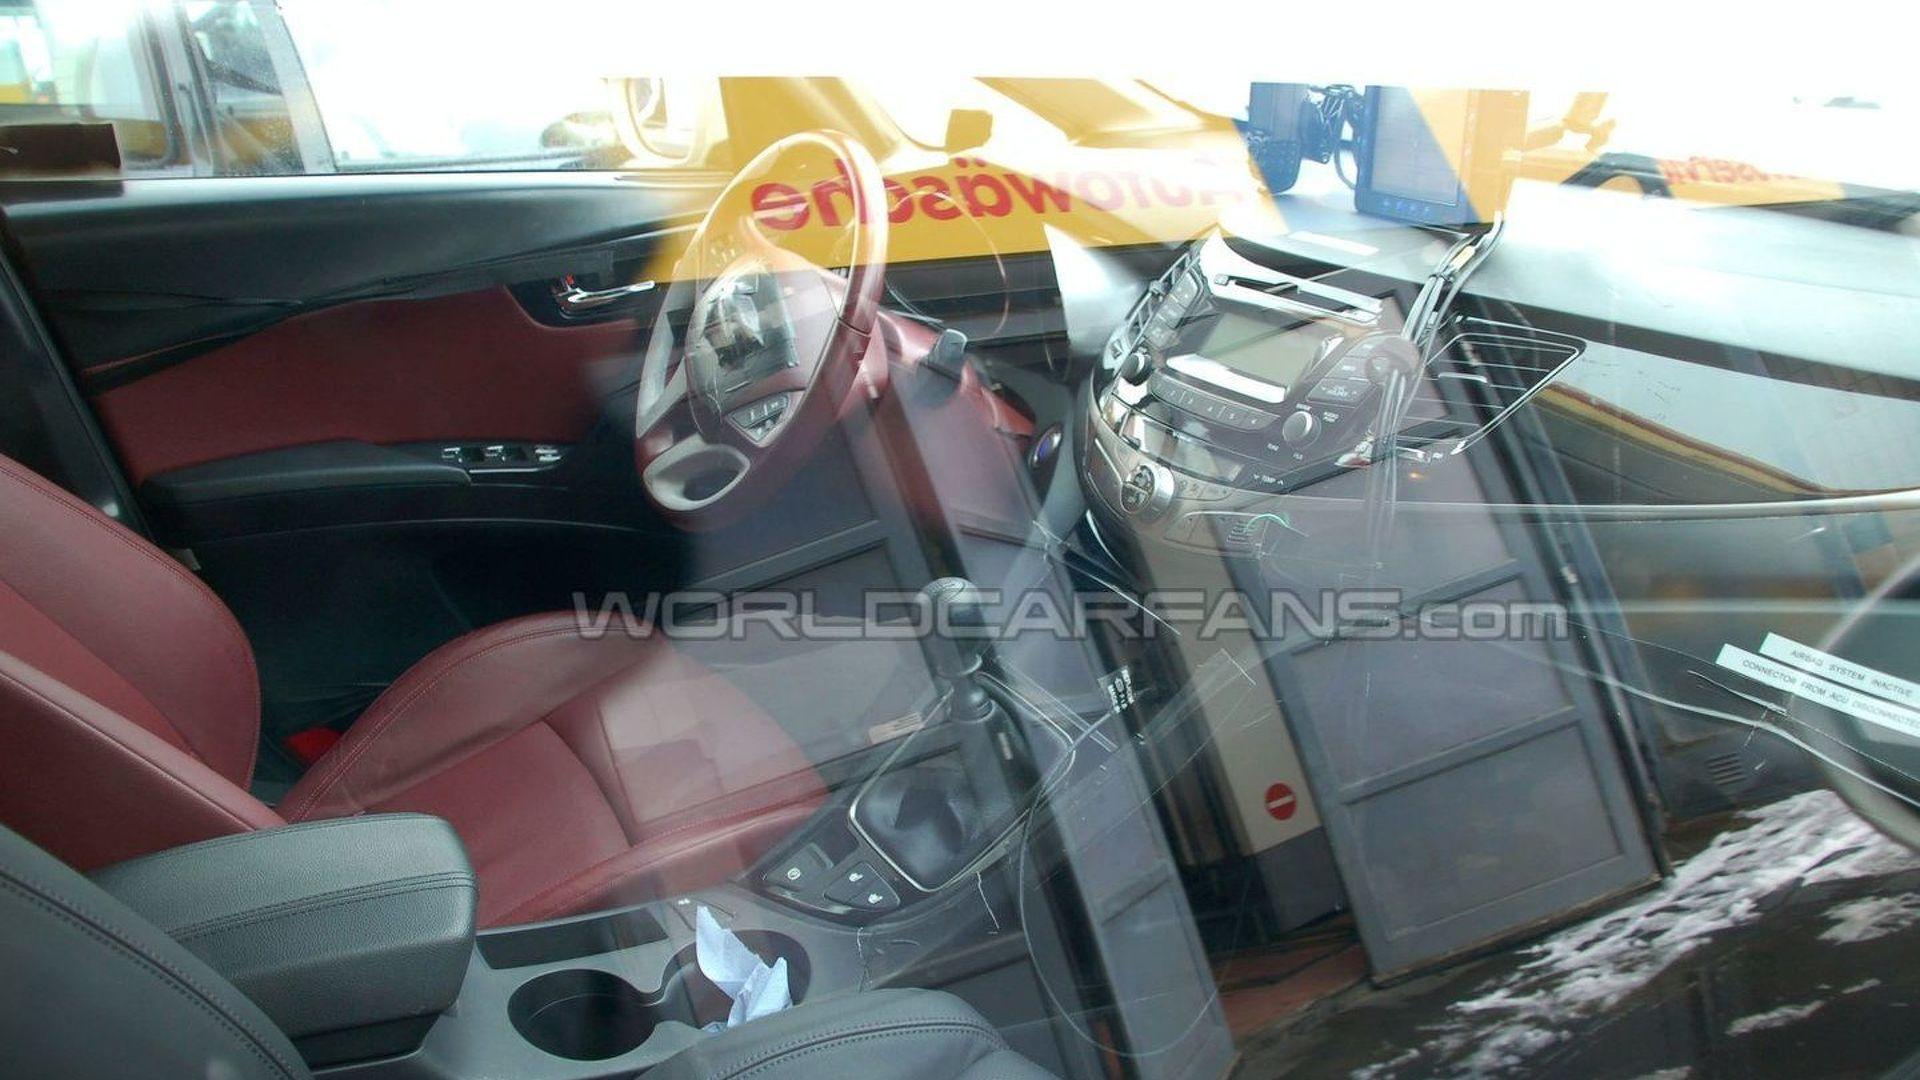 Hyundai HED-5 I-Mode Crossover First Interior Spy Photos